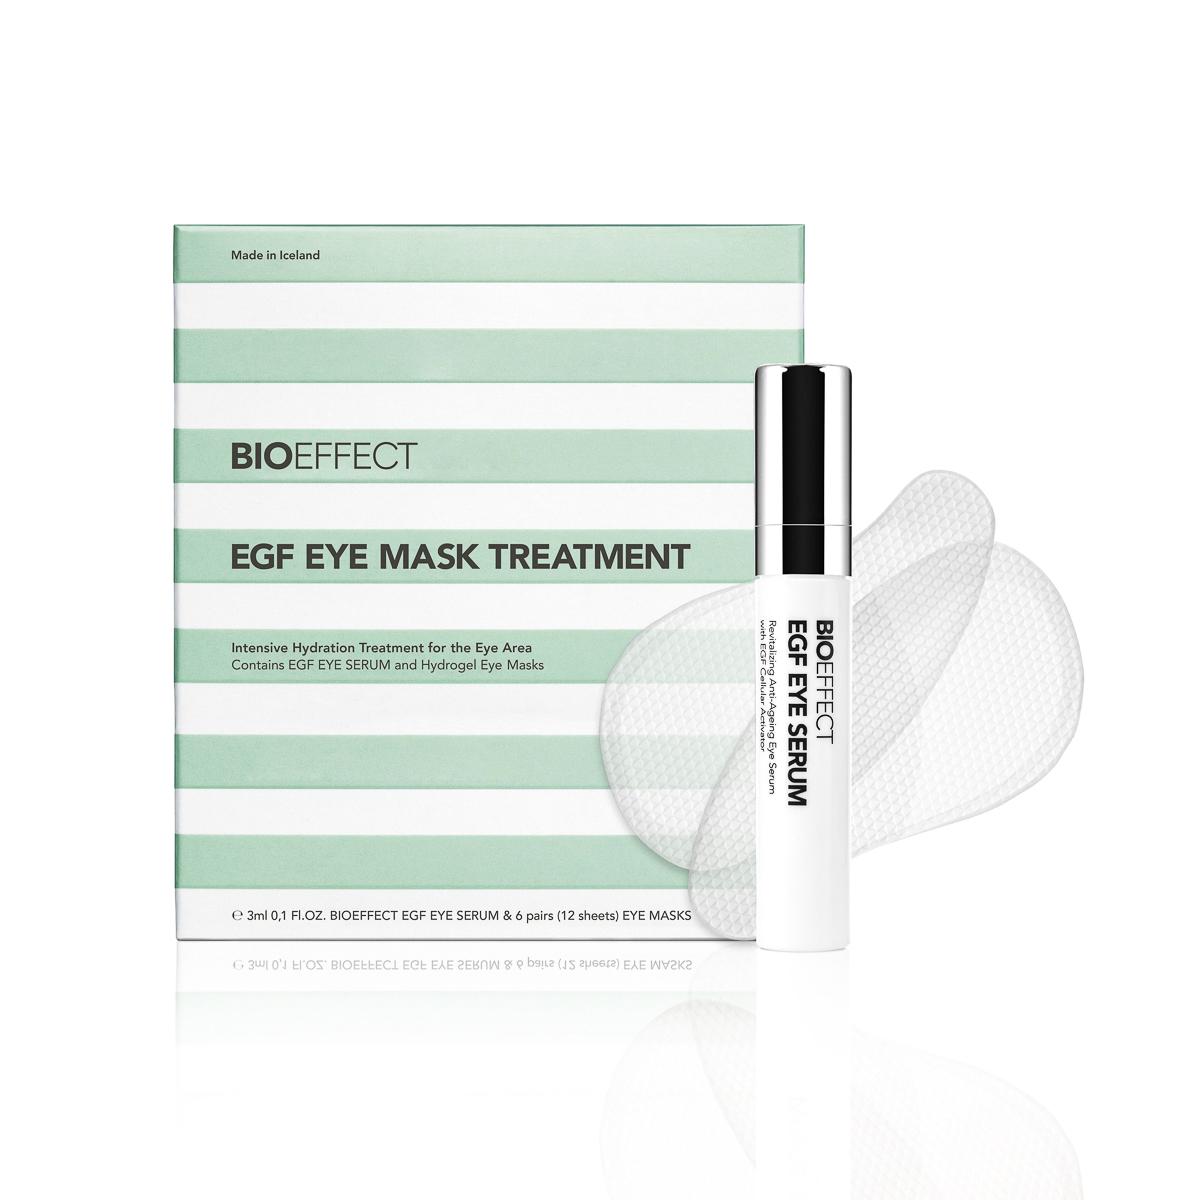 EGF Eye Mask Treatment Augenmaske von Bioeffect